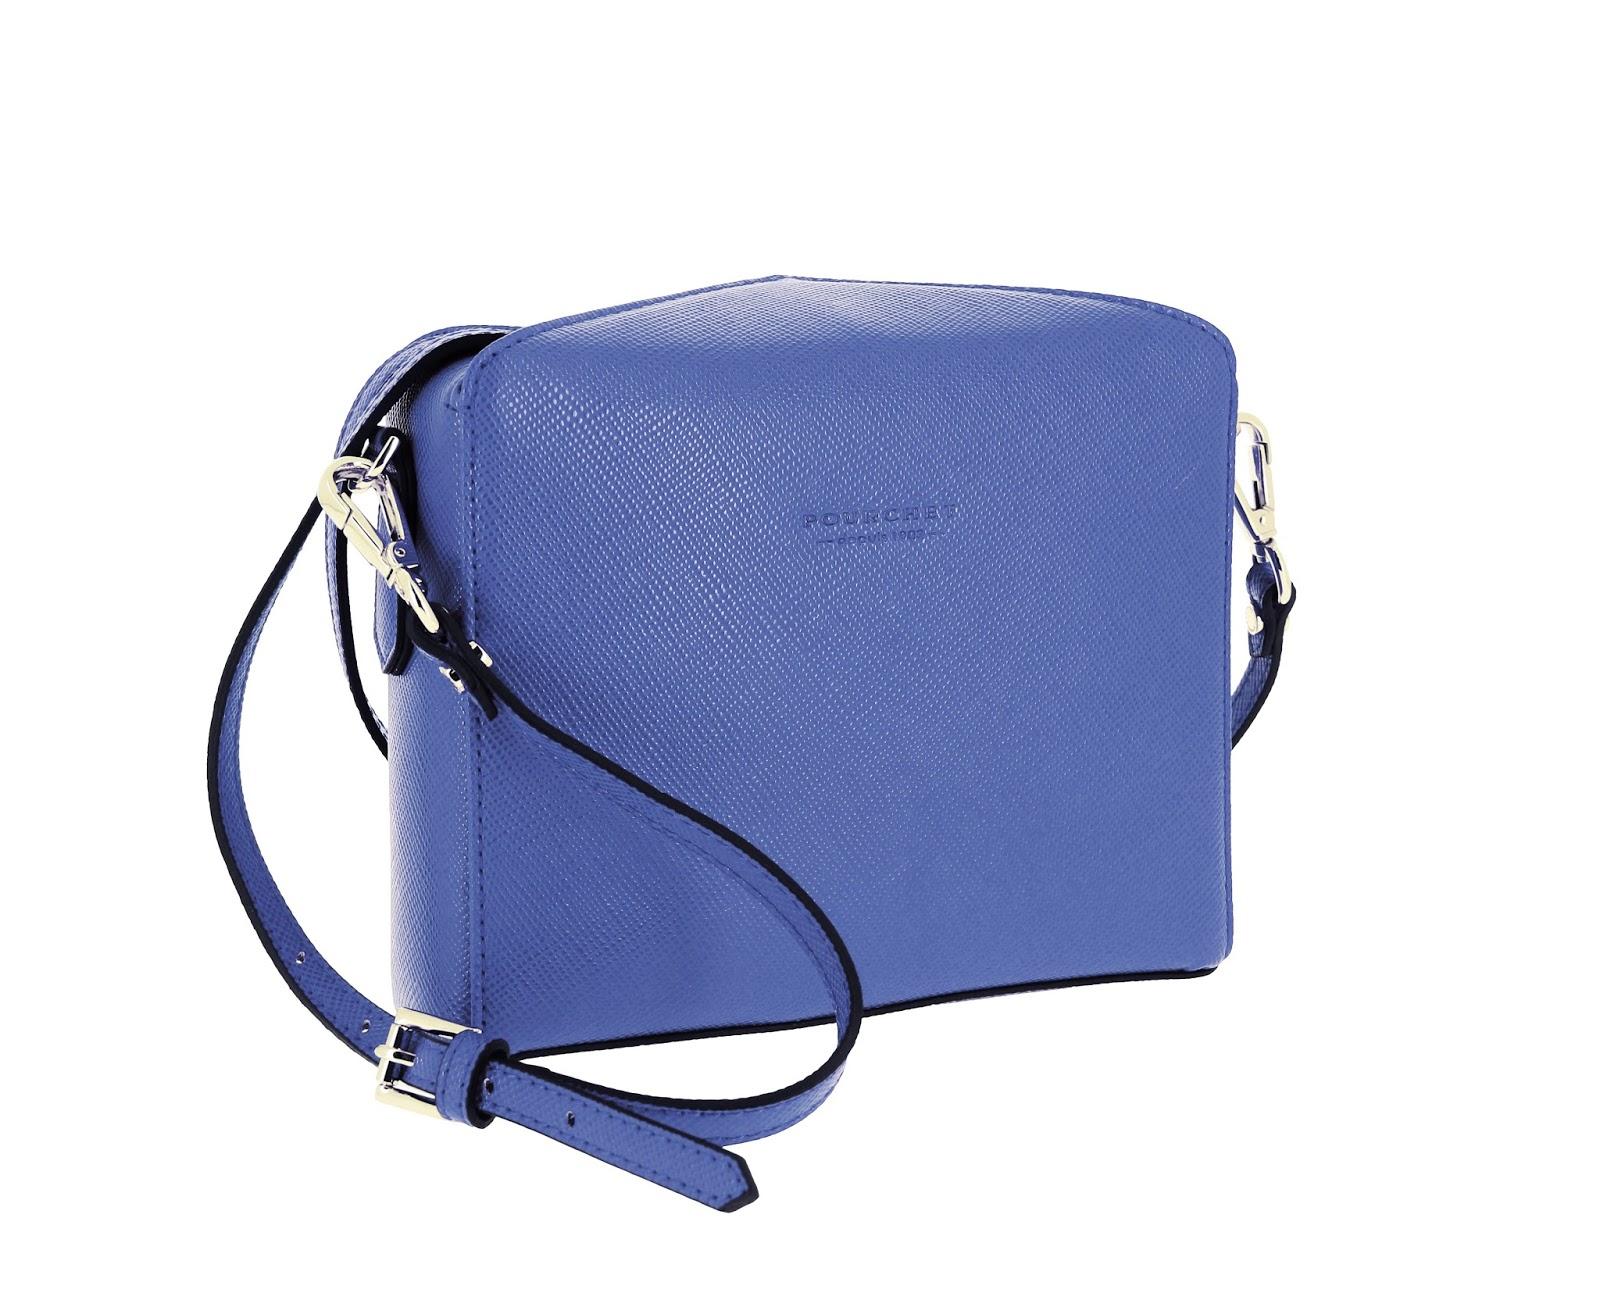 e5944d89a6 Ce sac apporte élégance tout en gardant l'esprit intemporel de la marque